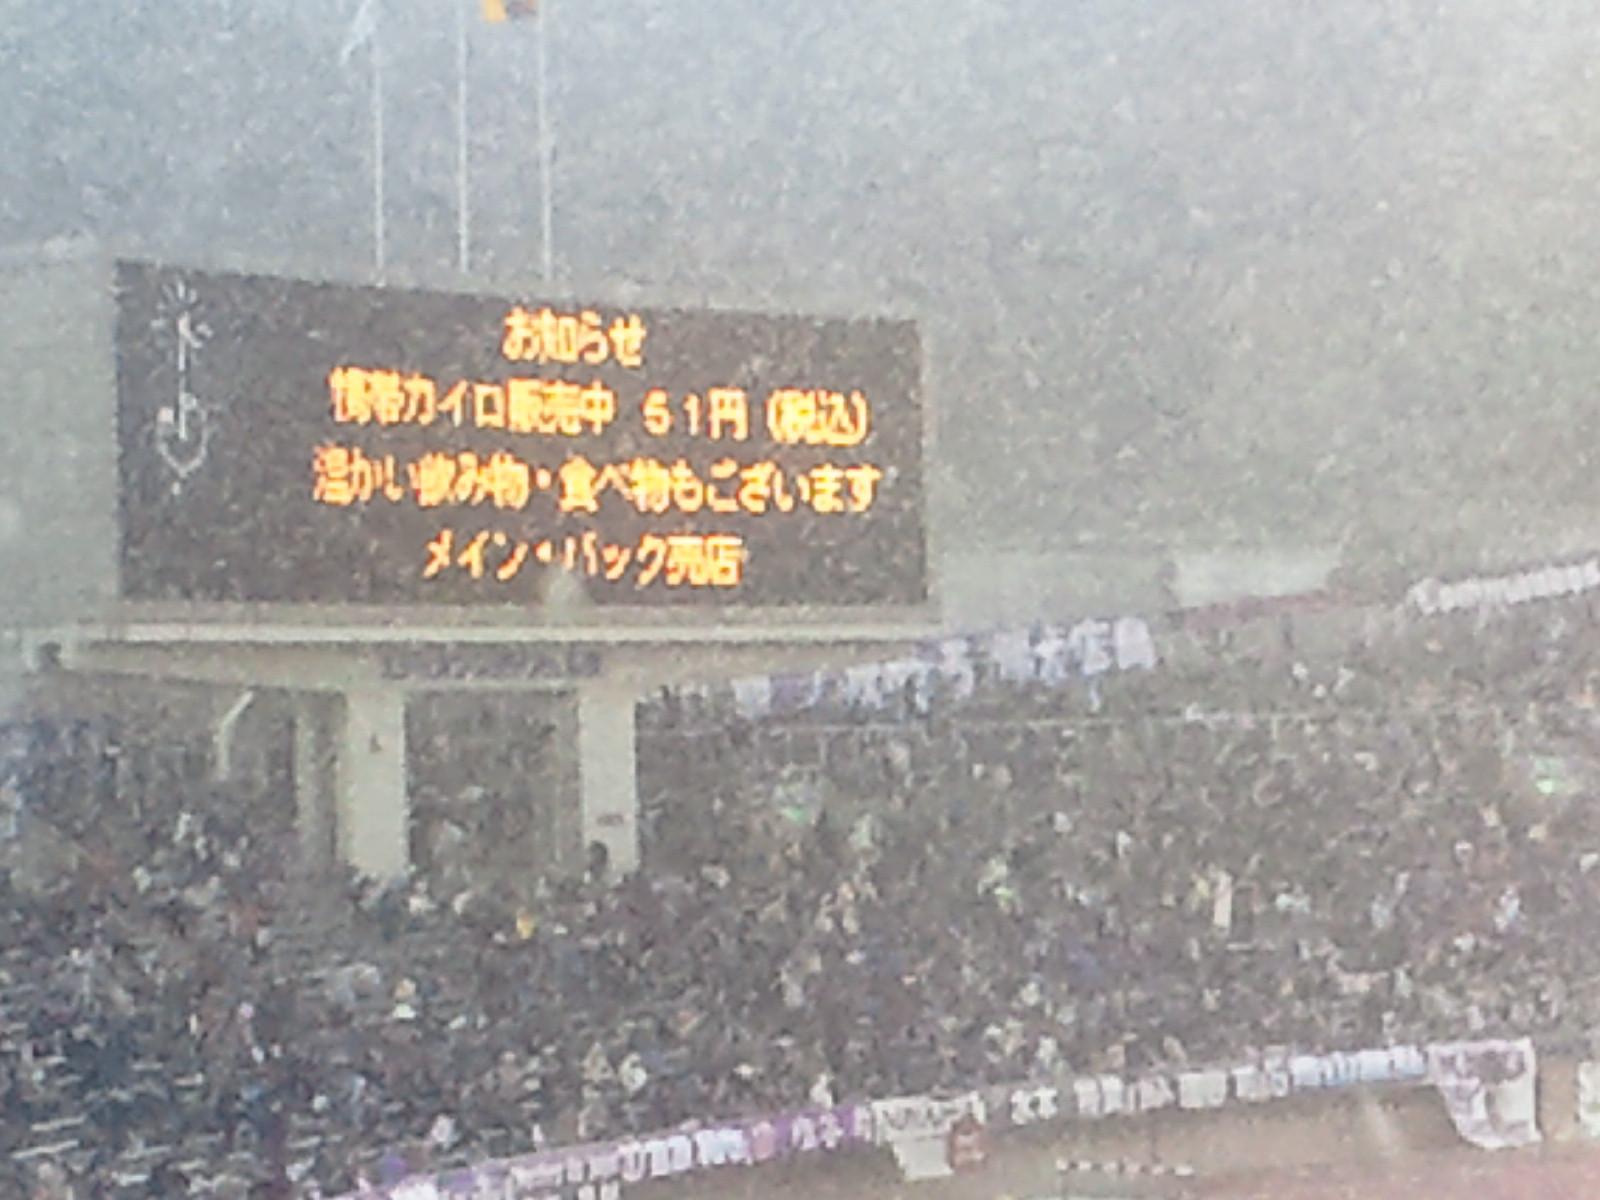 野球とソフトが東京五輪で復活?ぜひそうしてほしいの~